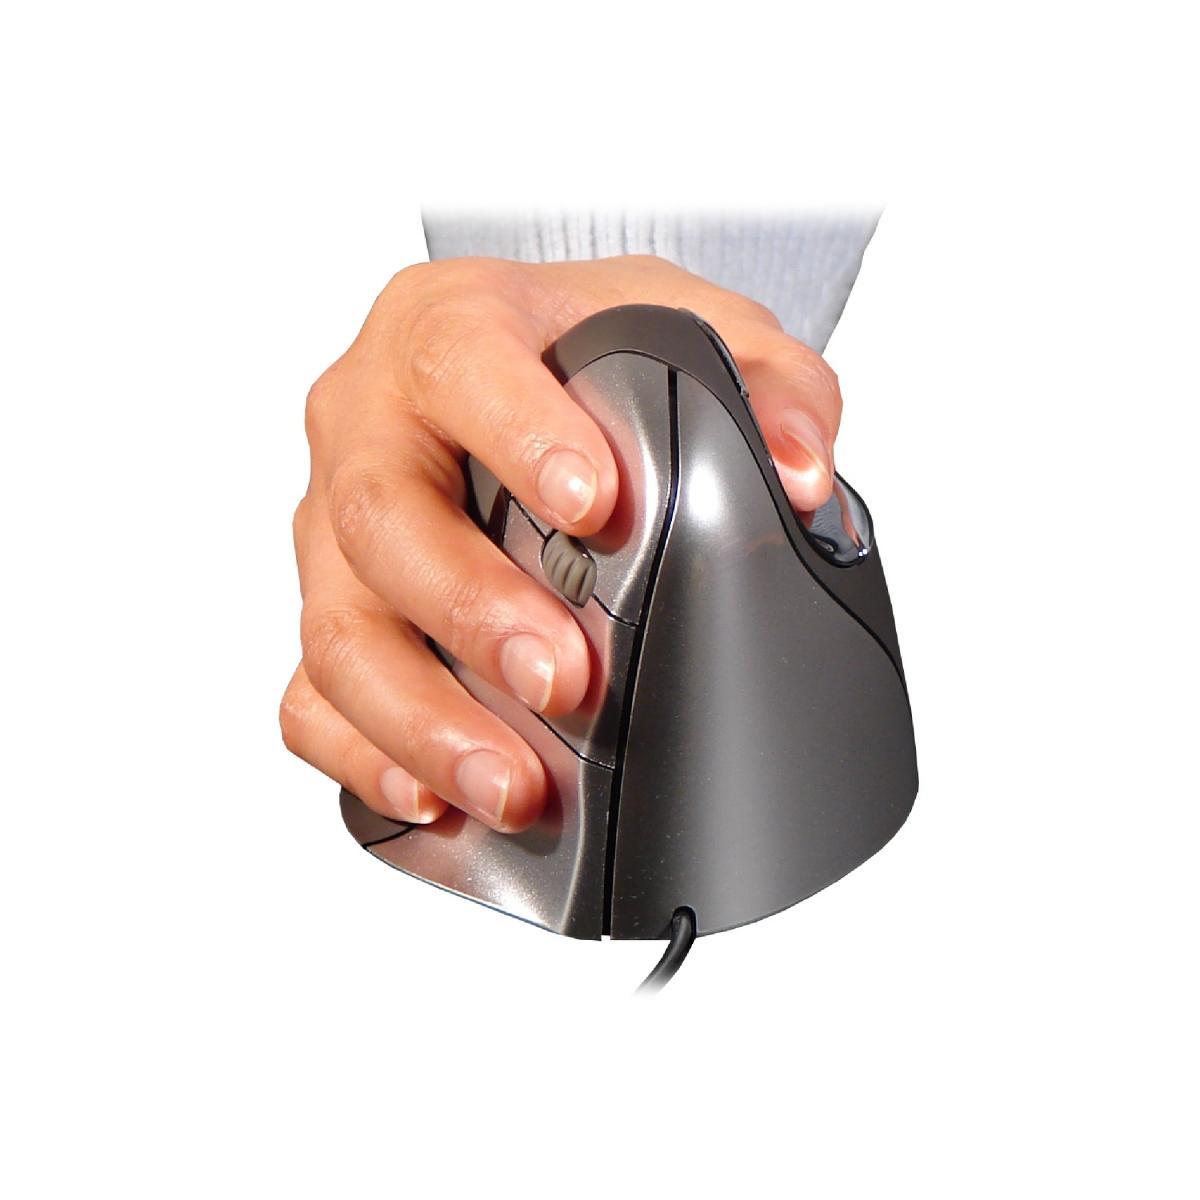 Zwarte, ergonomische muis voor rechtshandigen, de Evoluent 4 van BakkerElkhuizen